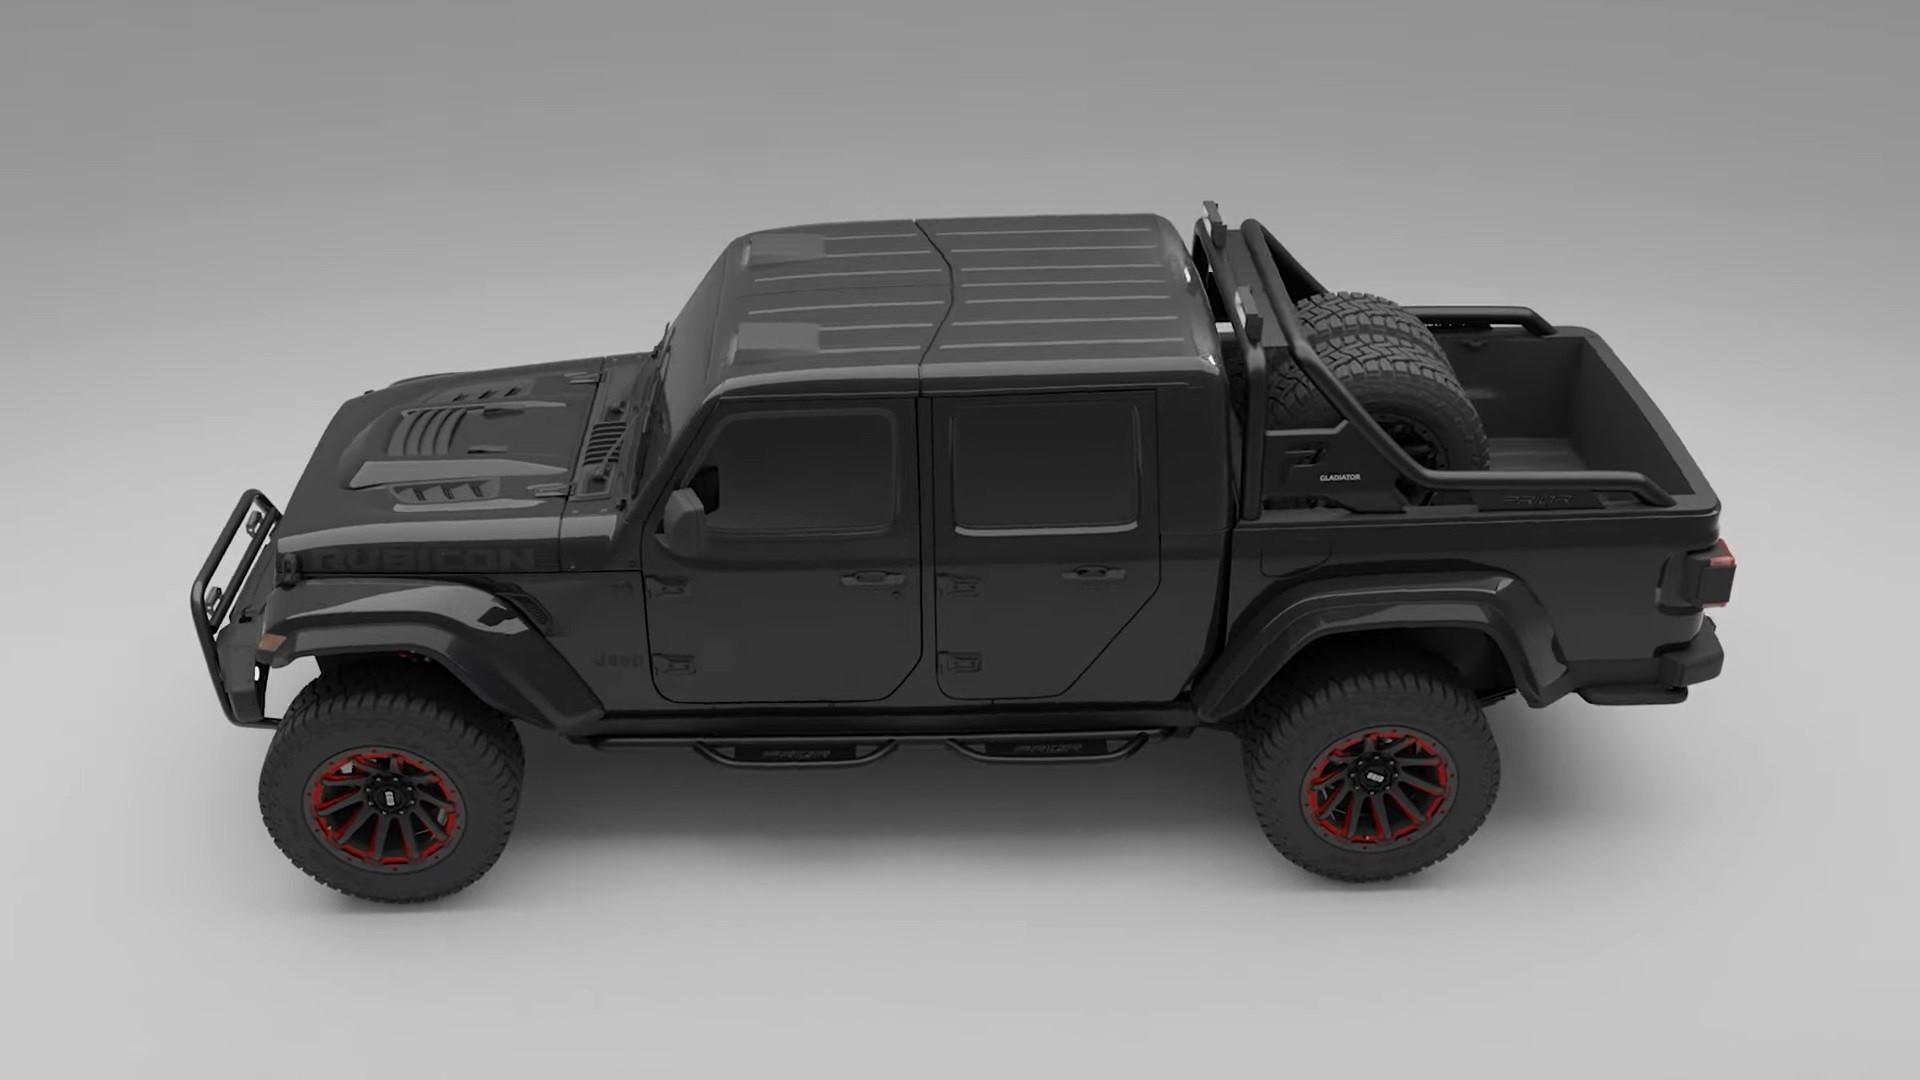 Jeep_Gladiator_Rubicon_by_Prior_Design-0014